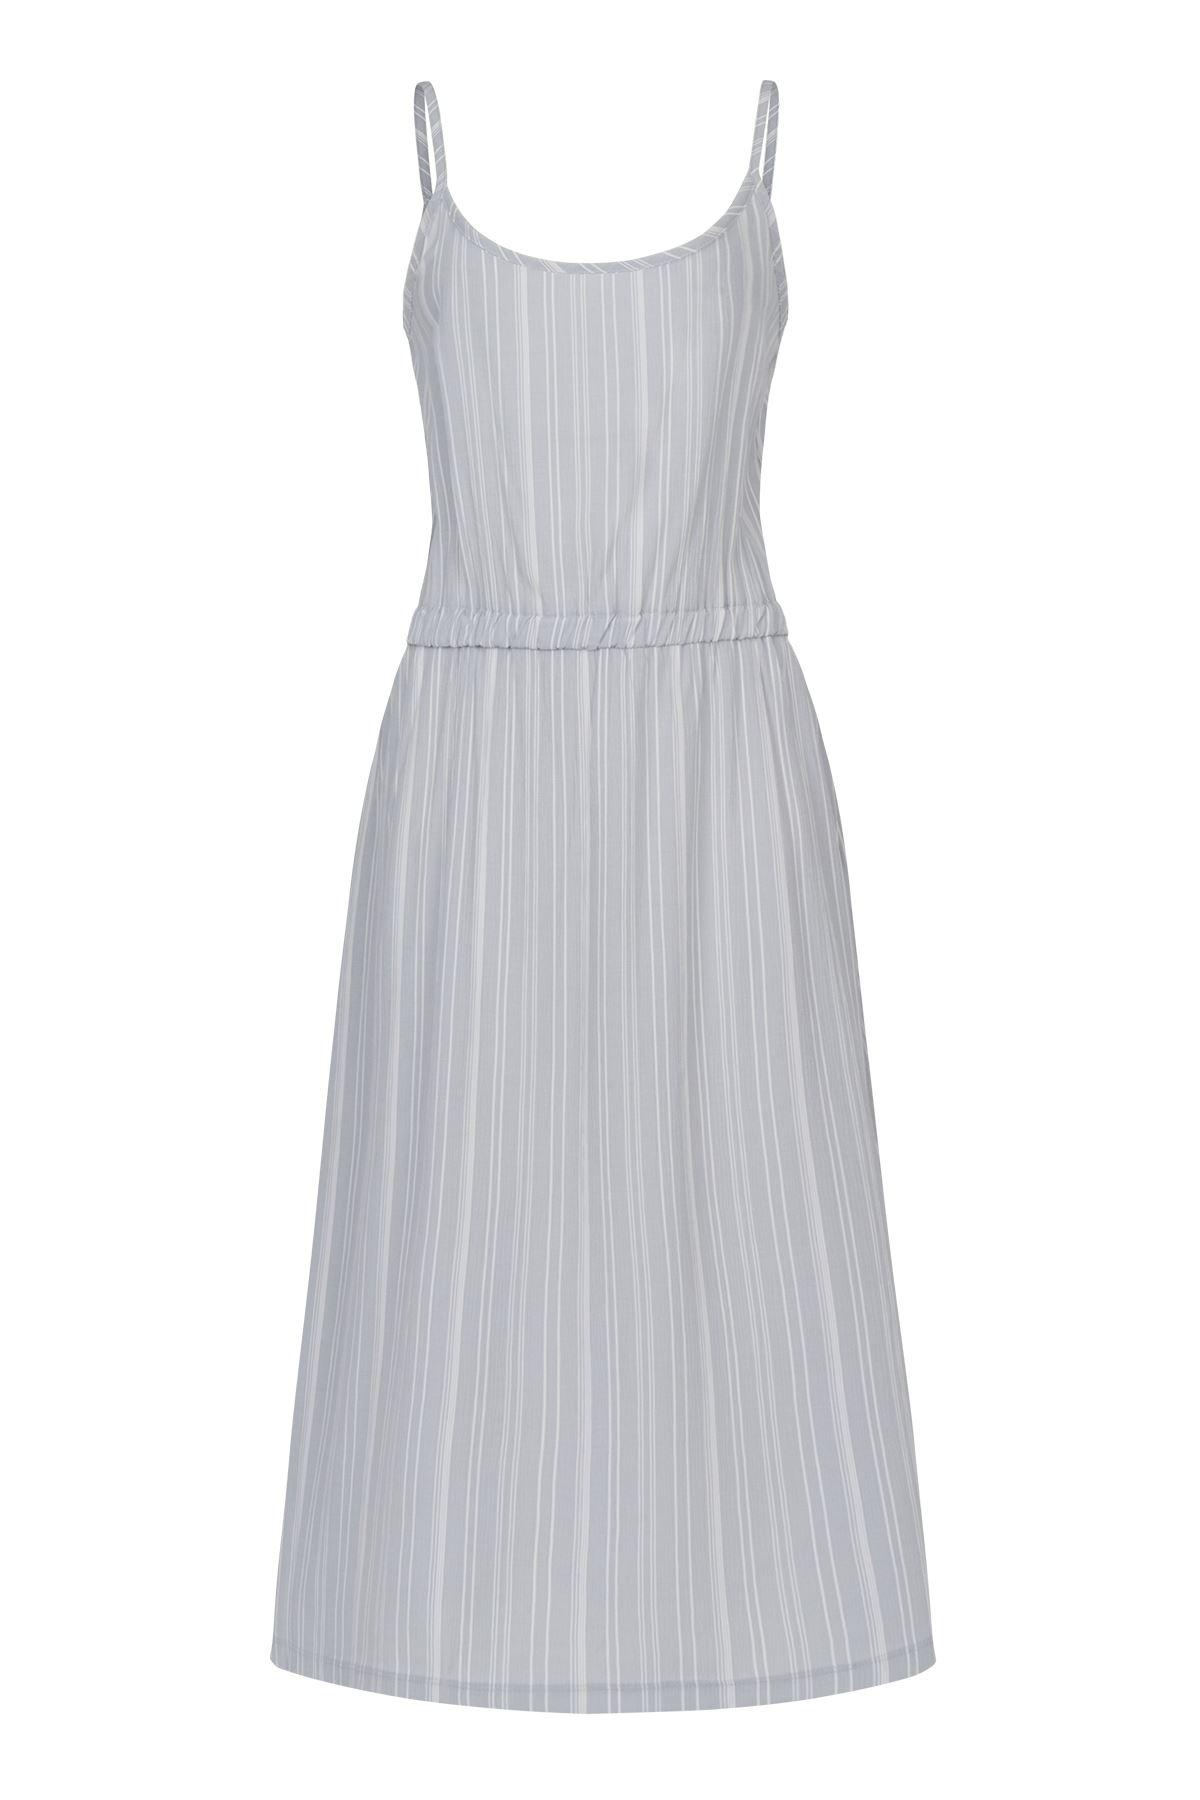 Askılı Comfort Dress (Açık Gri Beyaz Çizgili)